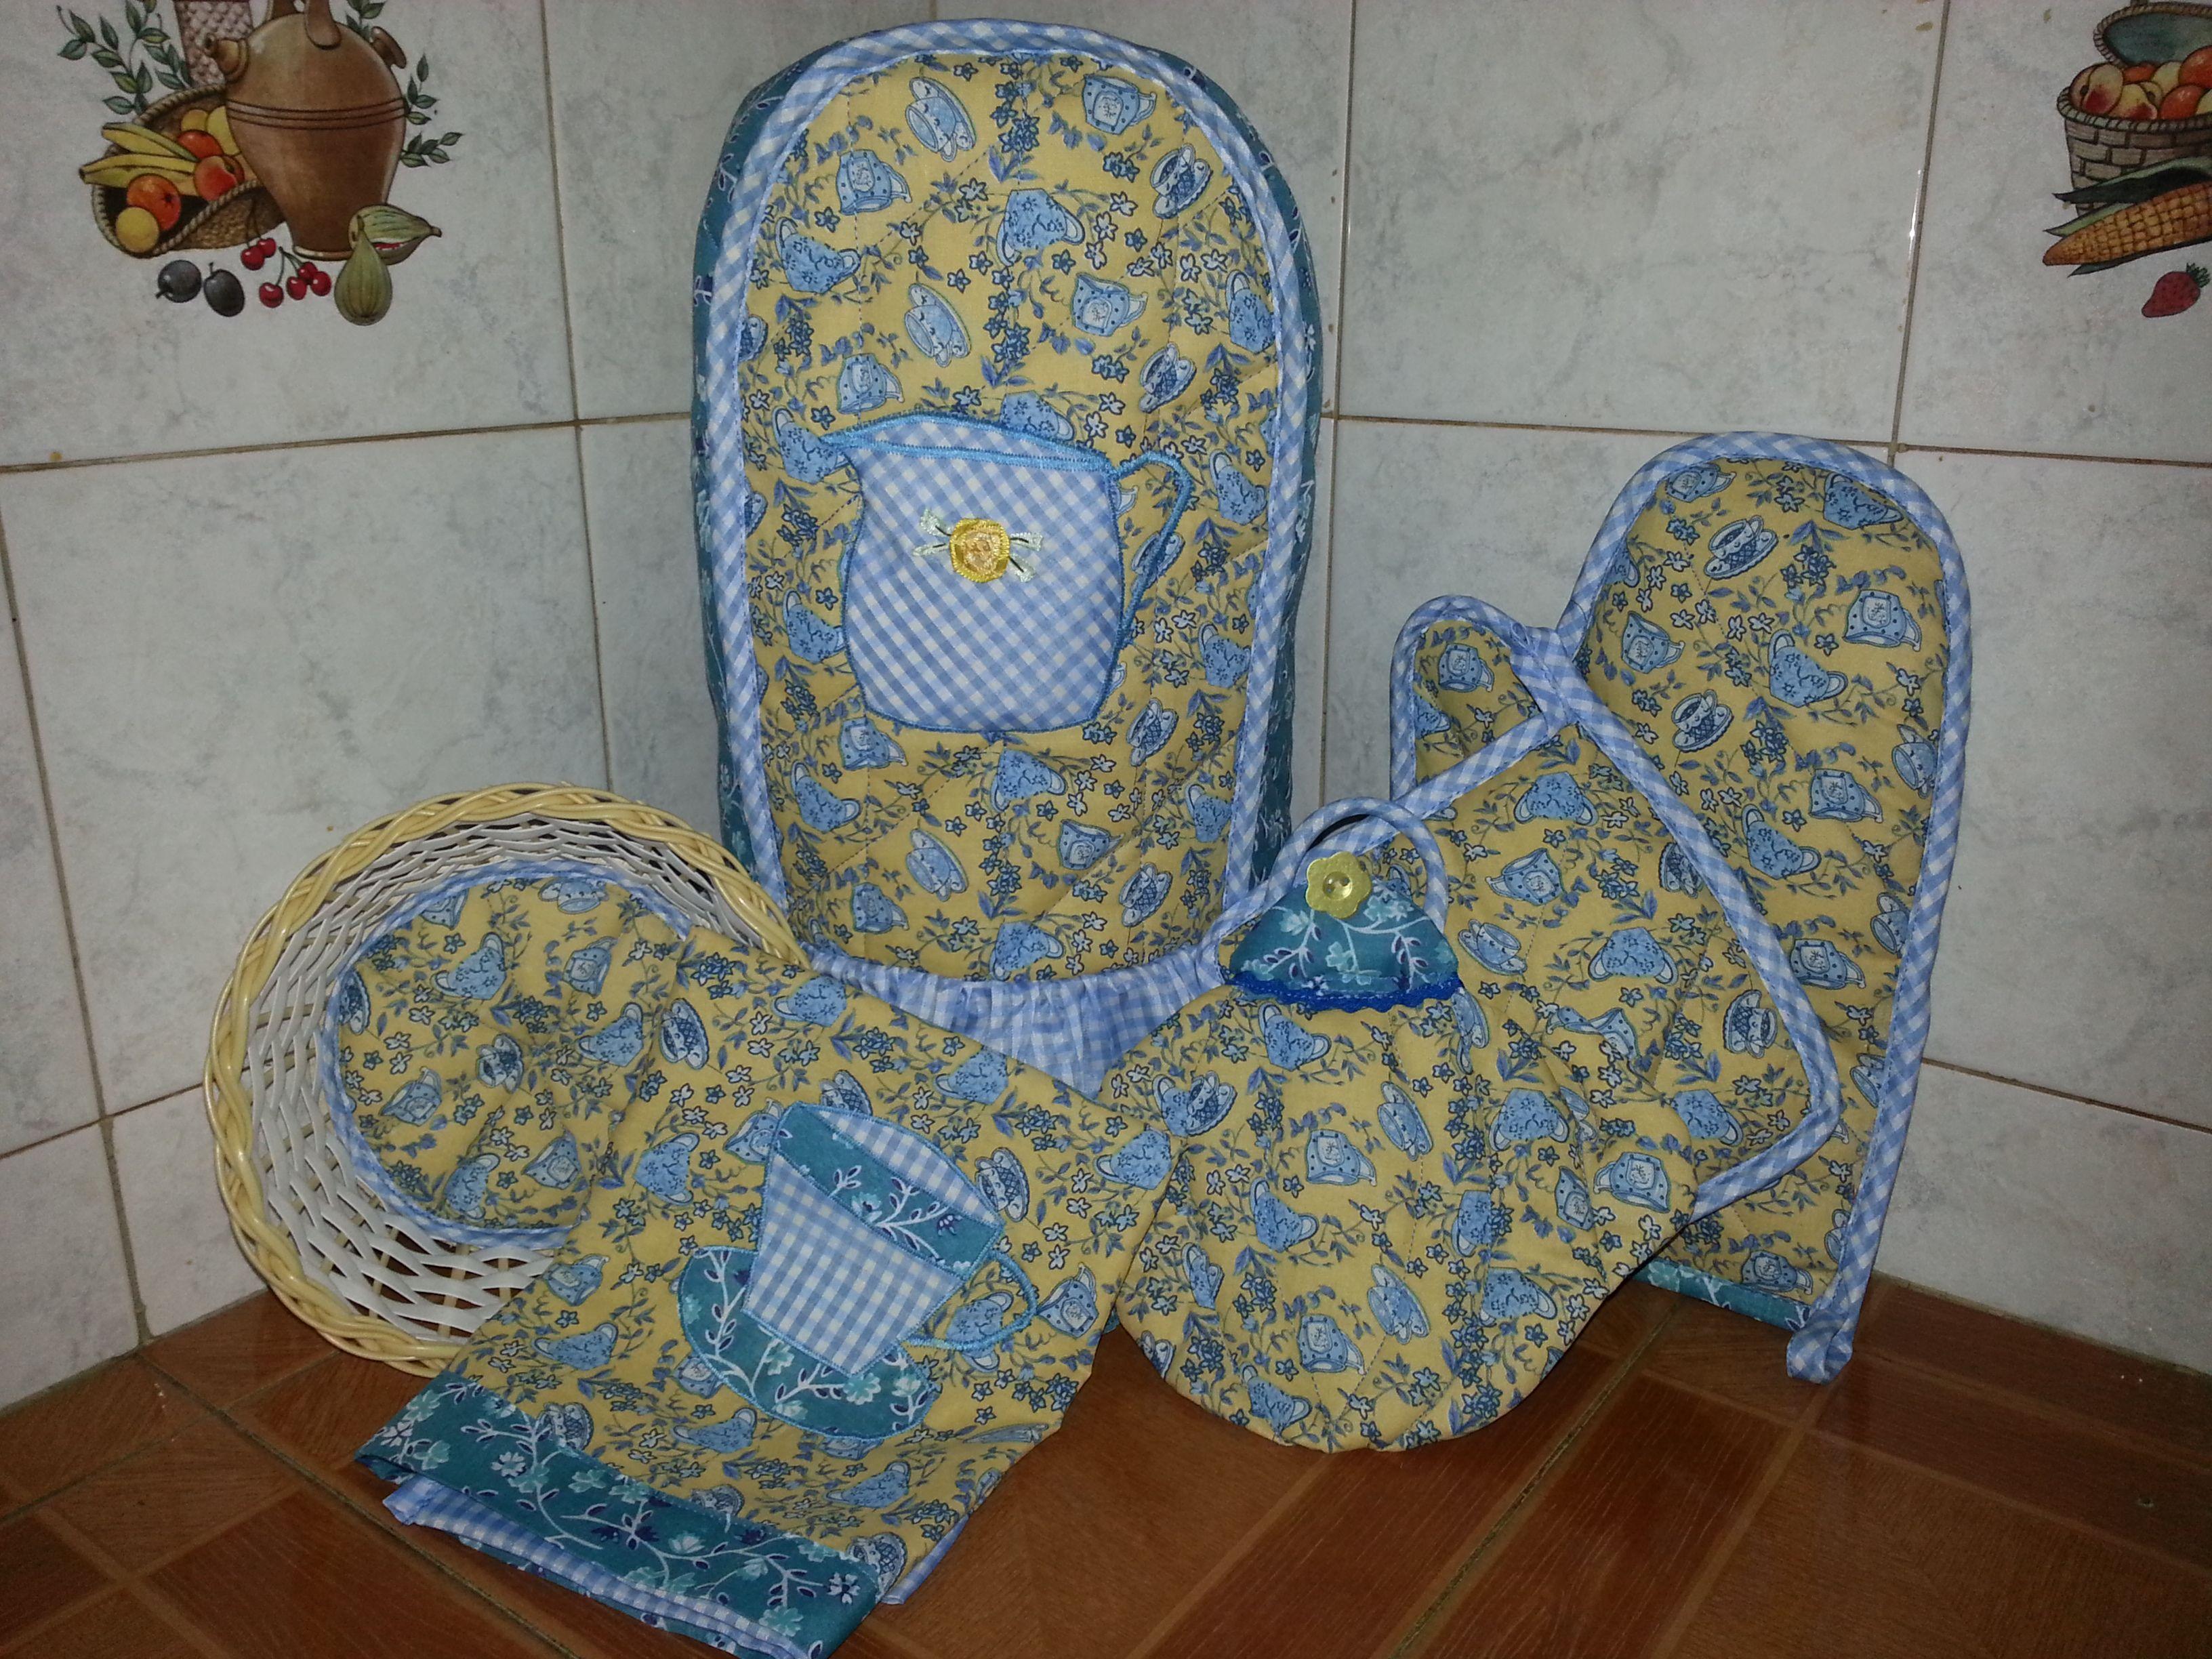 Forro De Licuadora Y Accesorios Forros Para Licuadora  ~ Limpiar Sofa De Tela Trucos Caseros